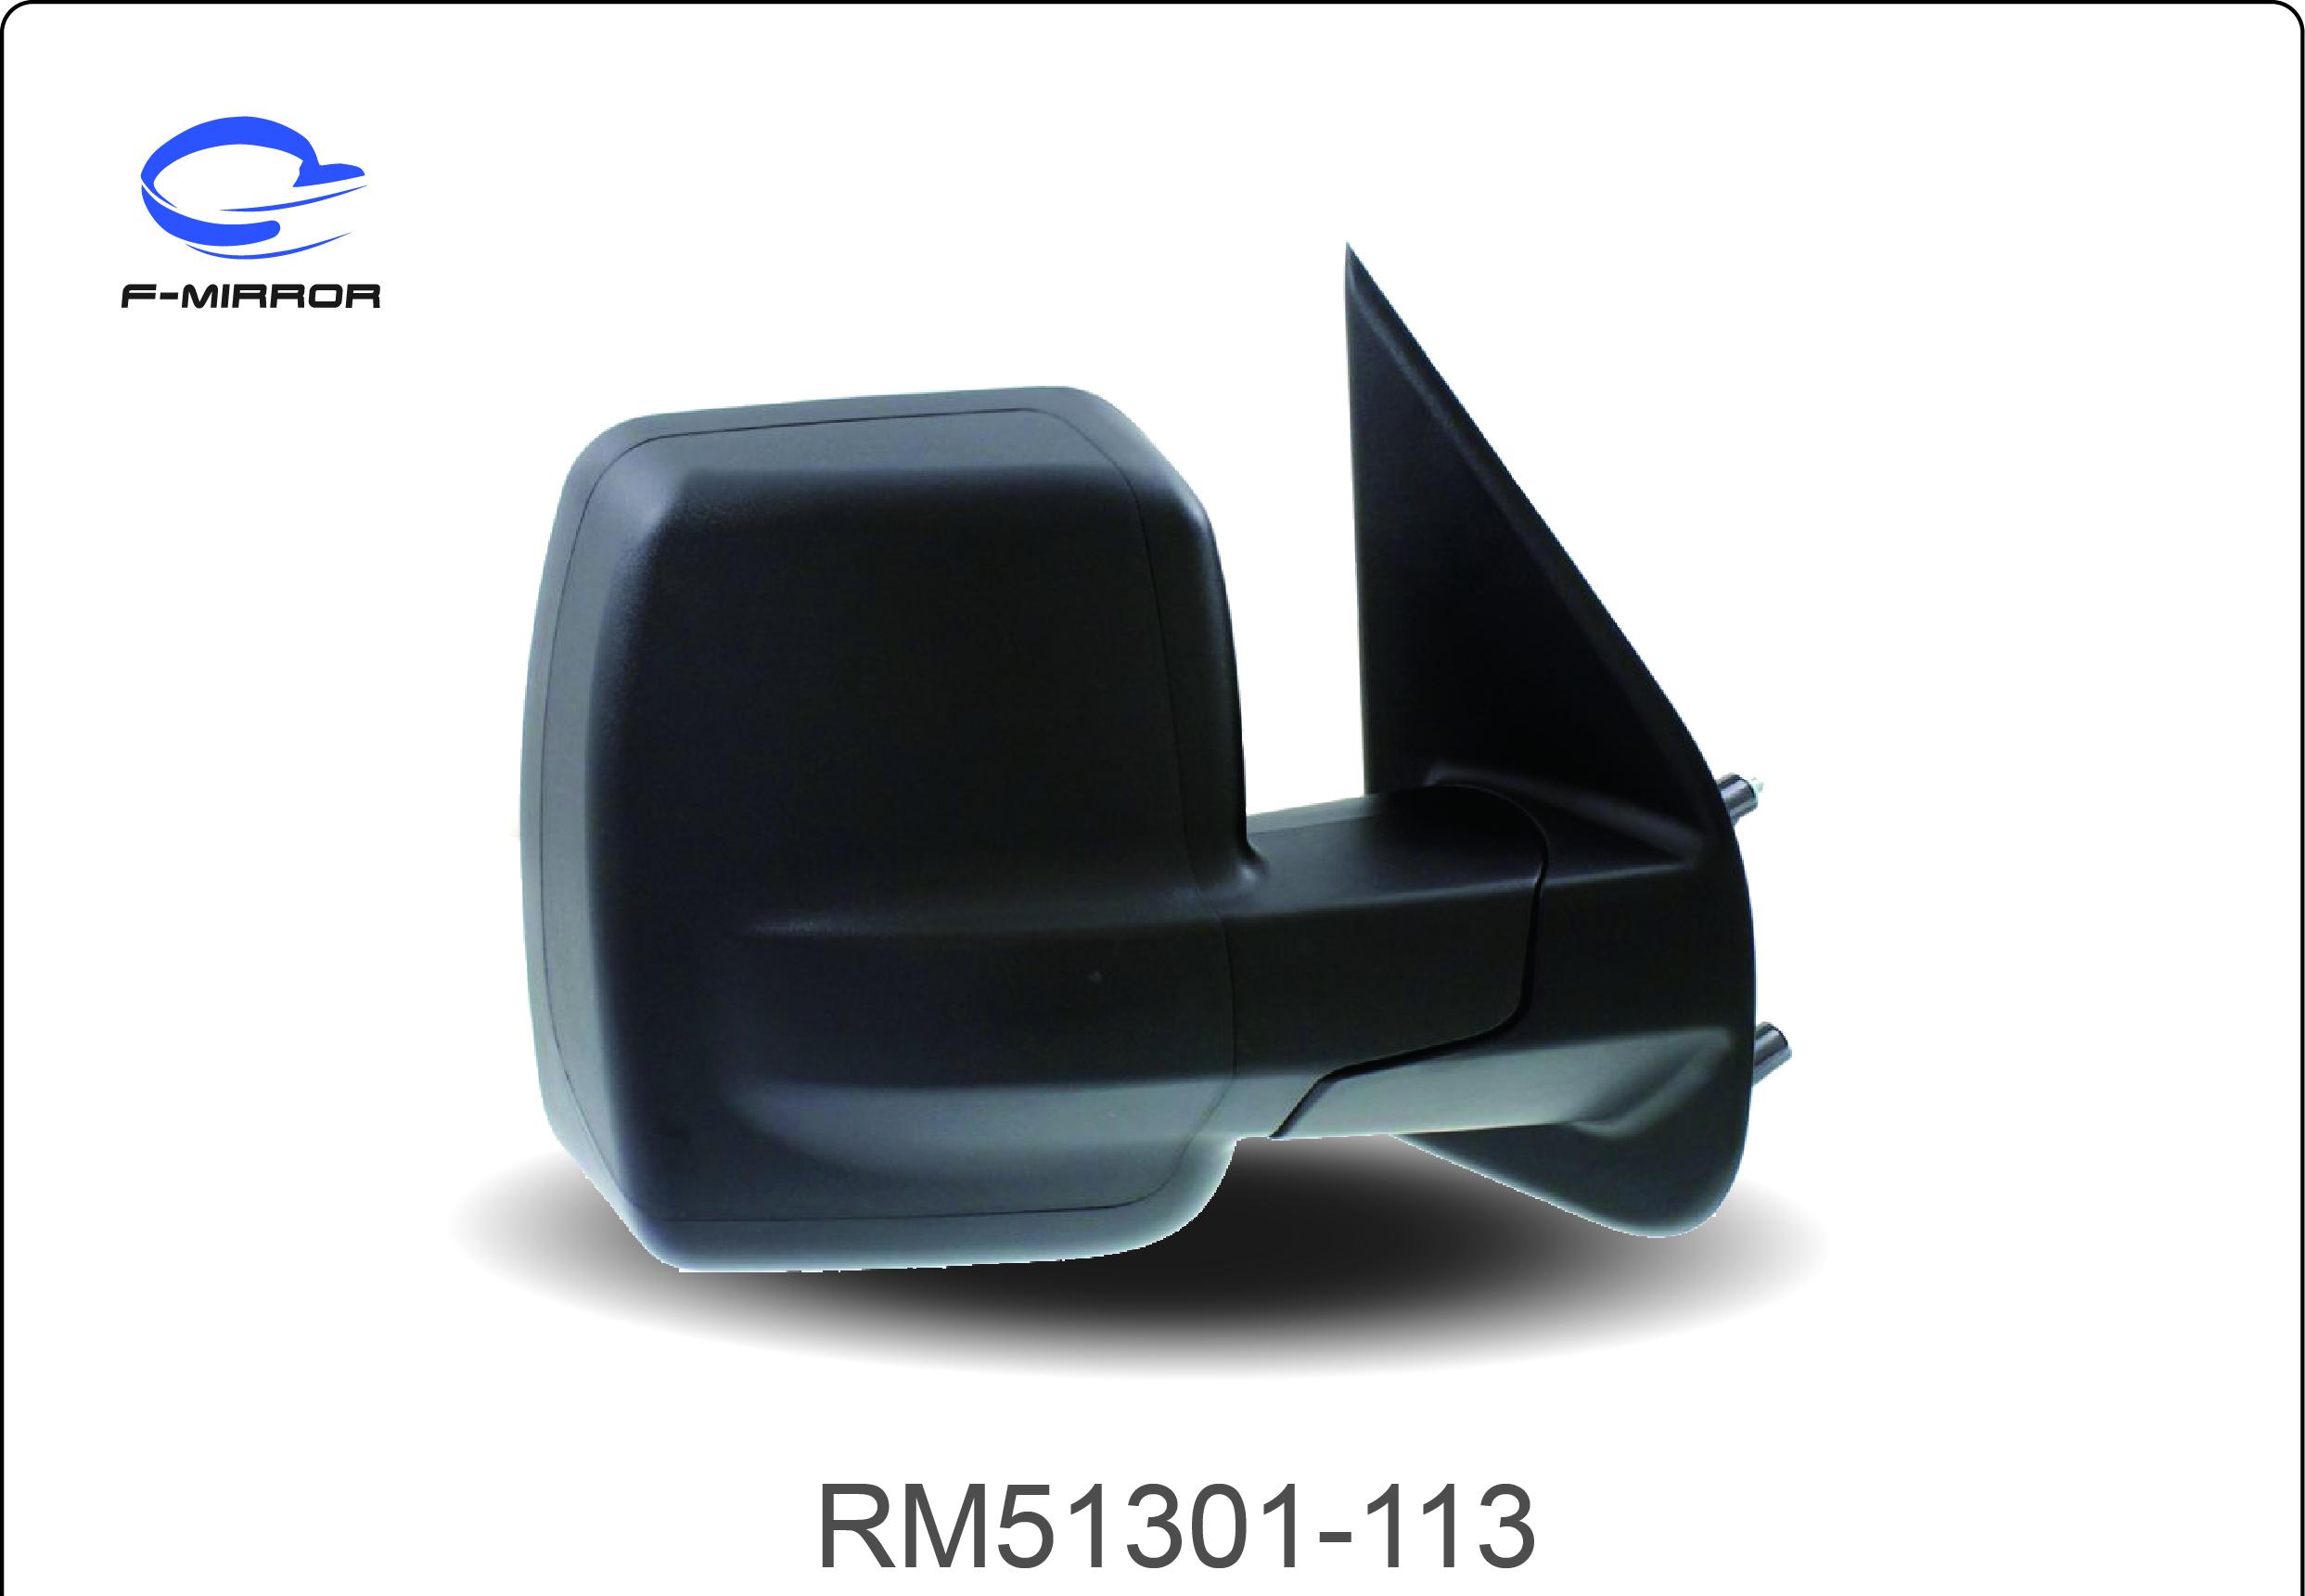 Power Door Mirror For 1998-1999 Altima Non Folding Passenger Side 963019E016